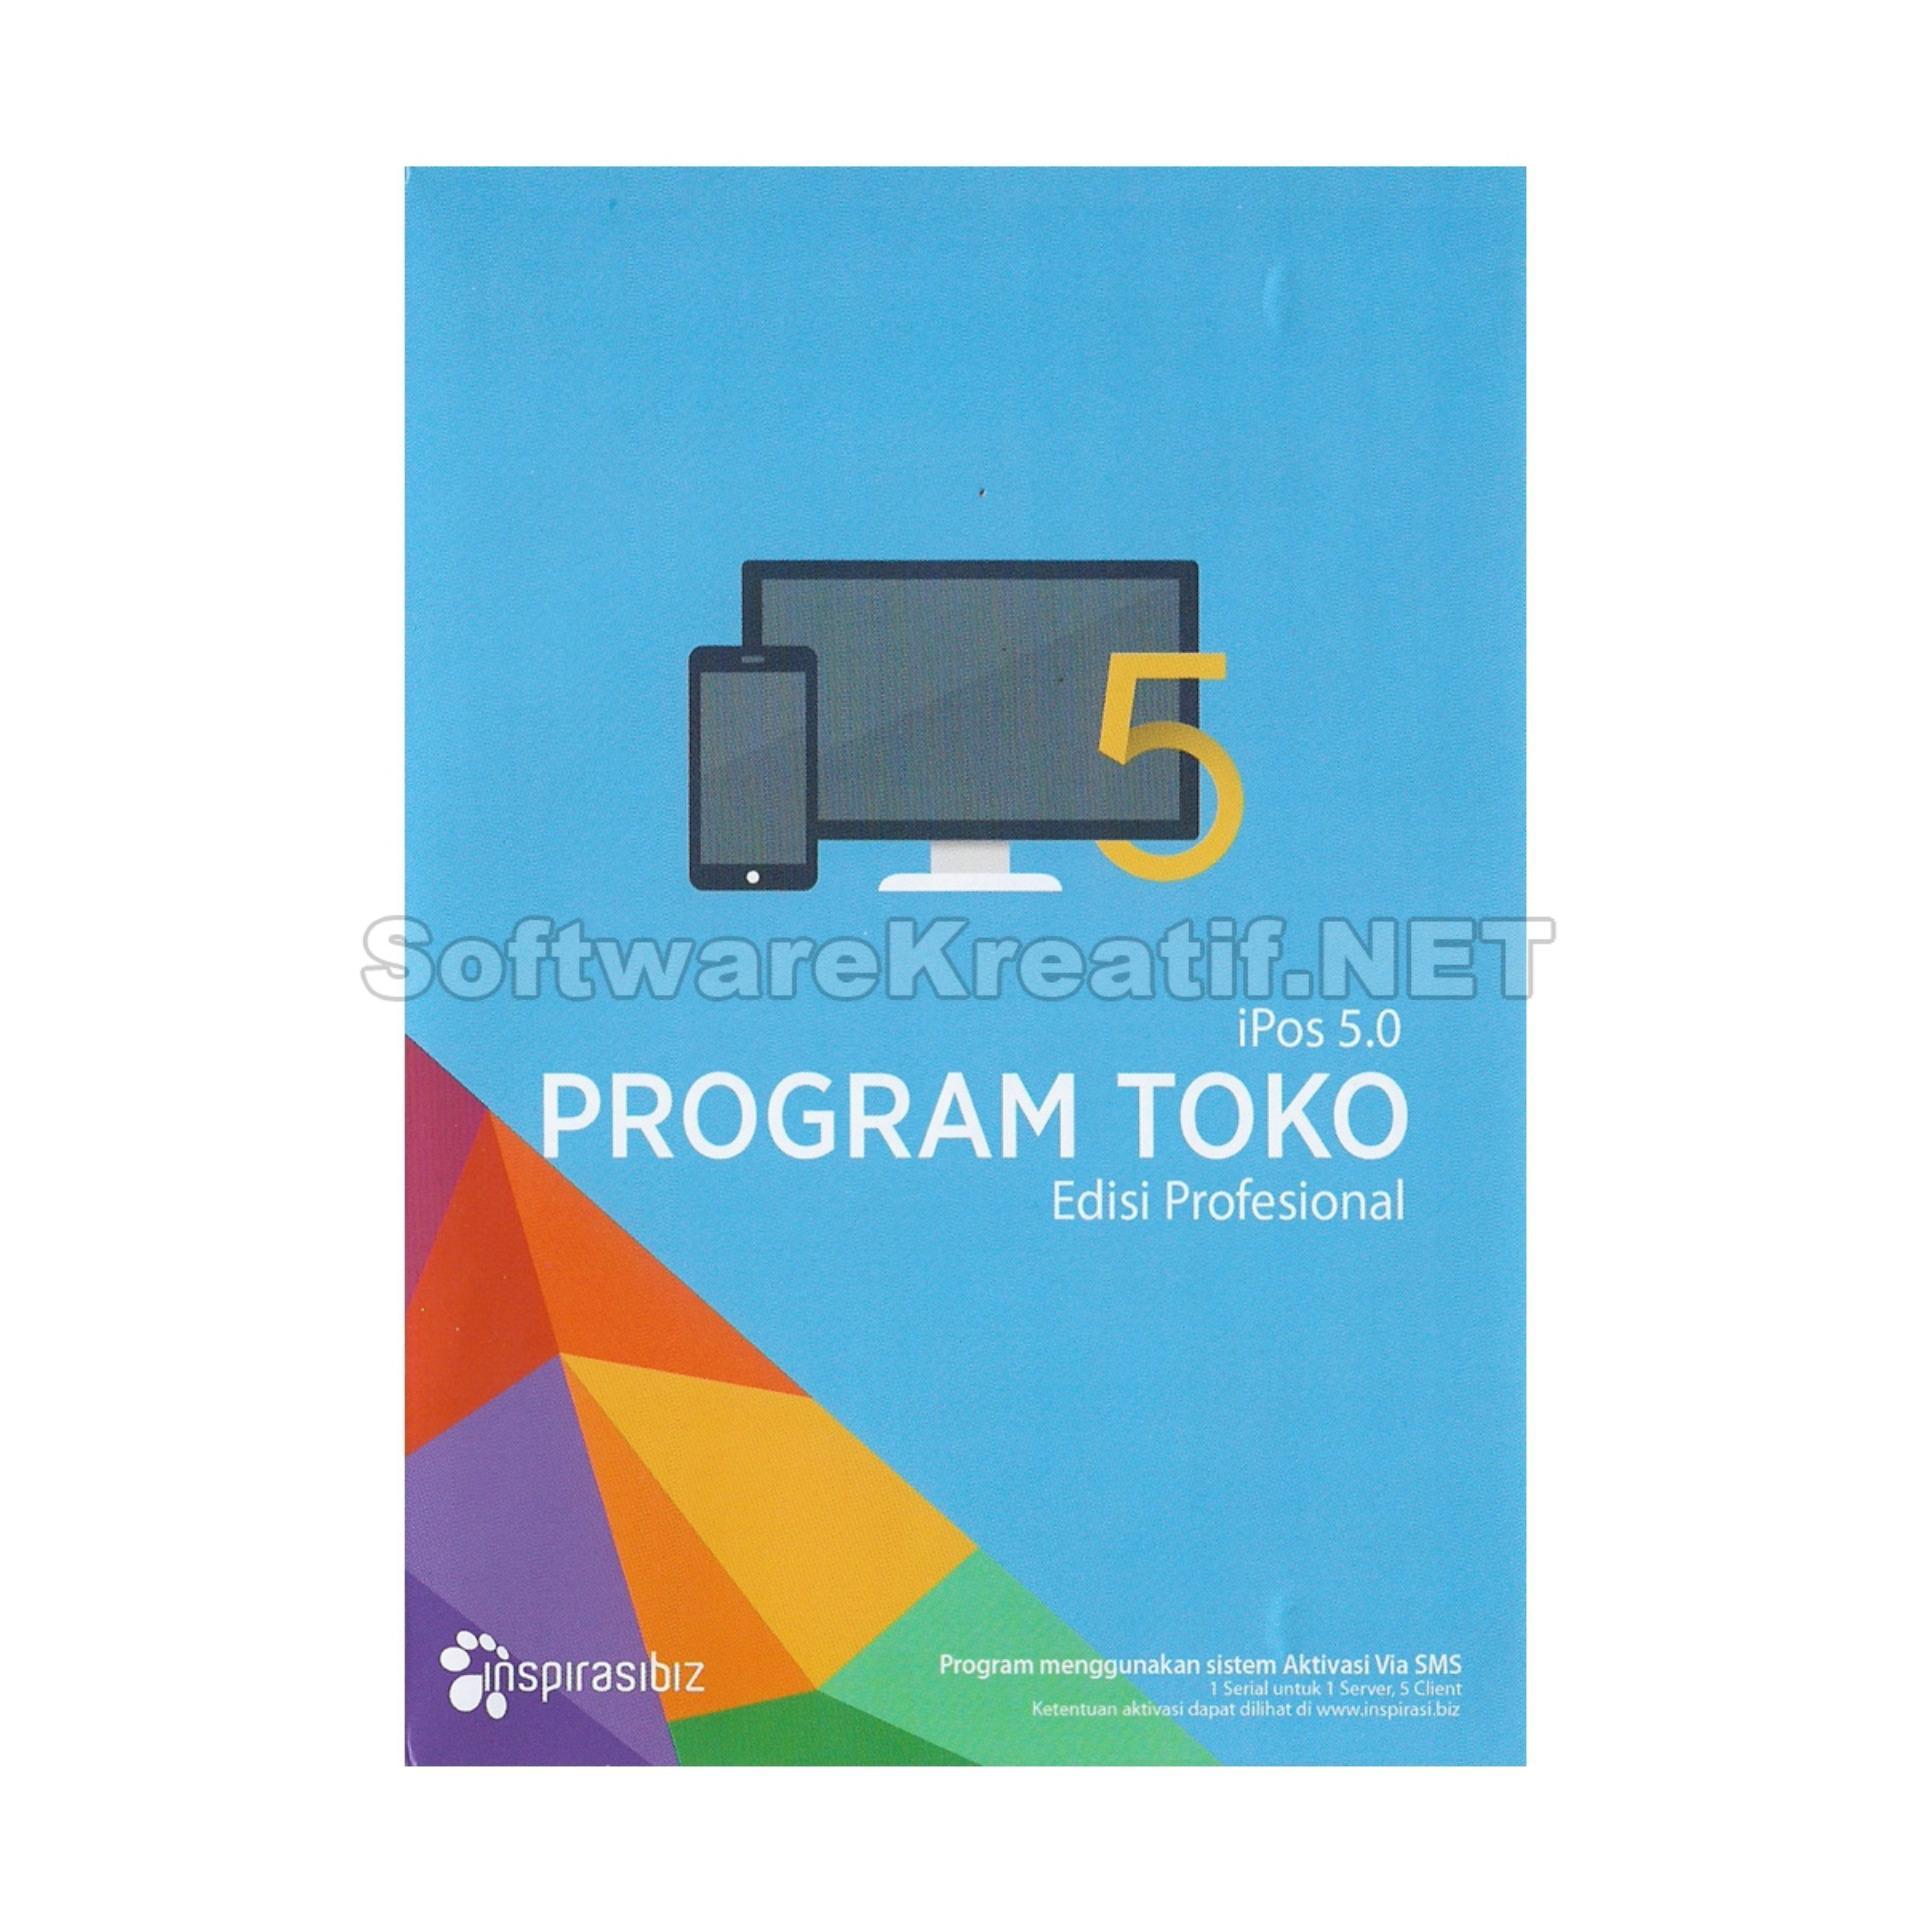 Katalog Inspirasibiz Program Toko Ipos 5 Edisi Profesional Software Penjualan Dan Stok Barang Siap Pakai Untuk Ukm Terbaru